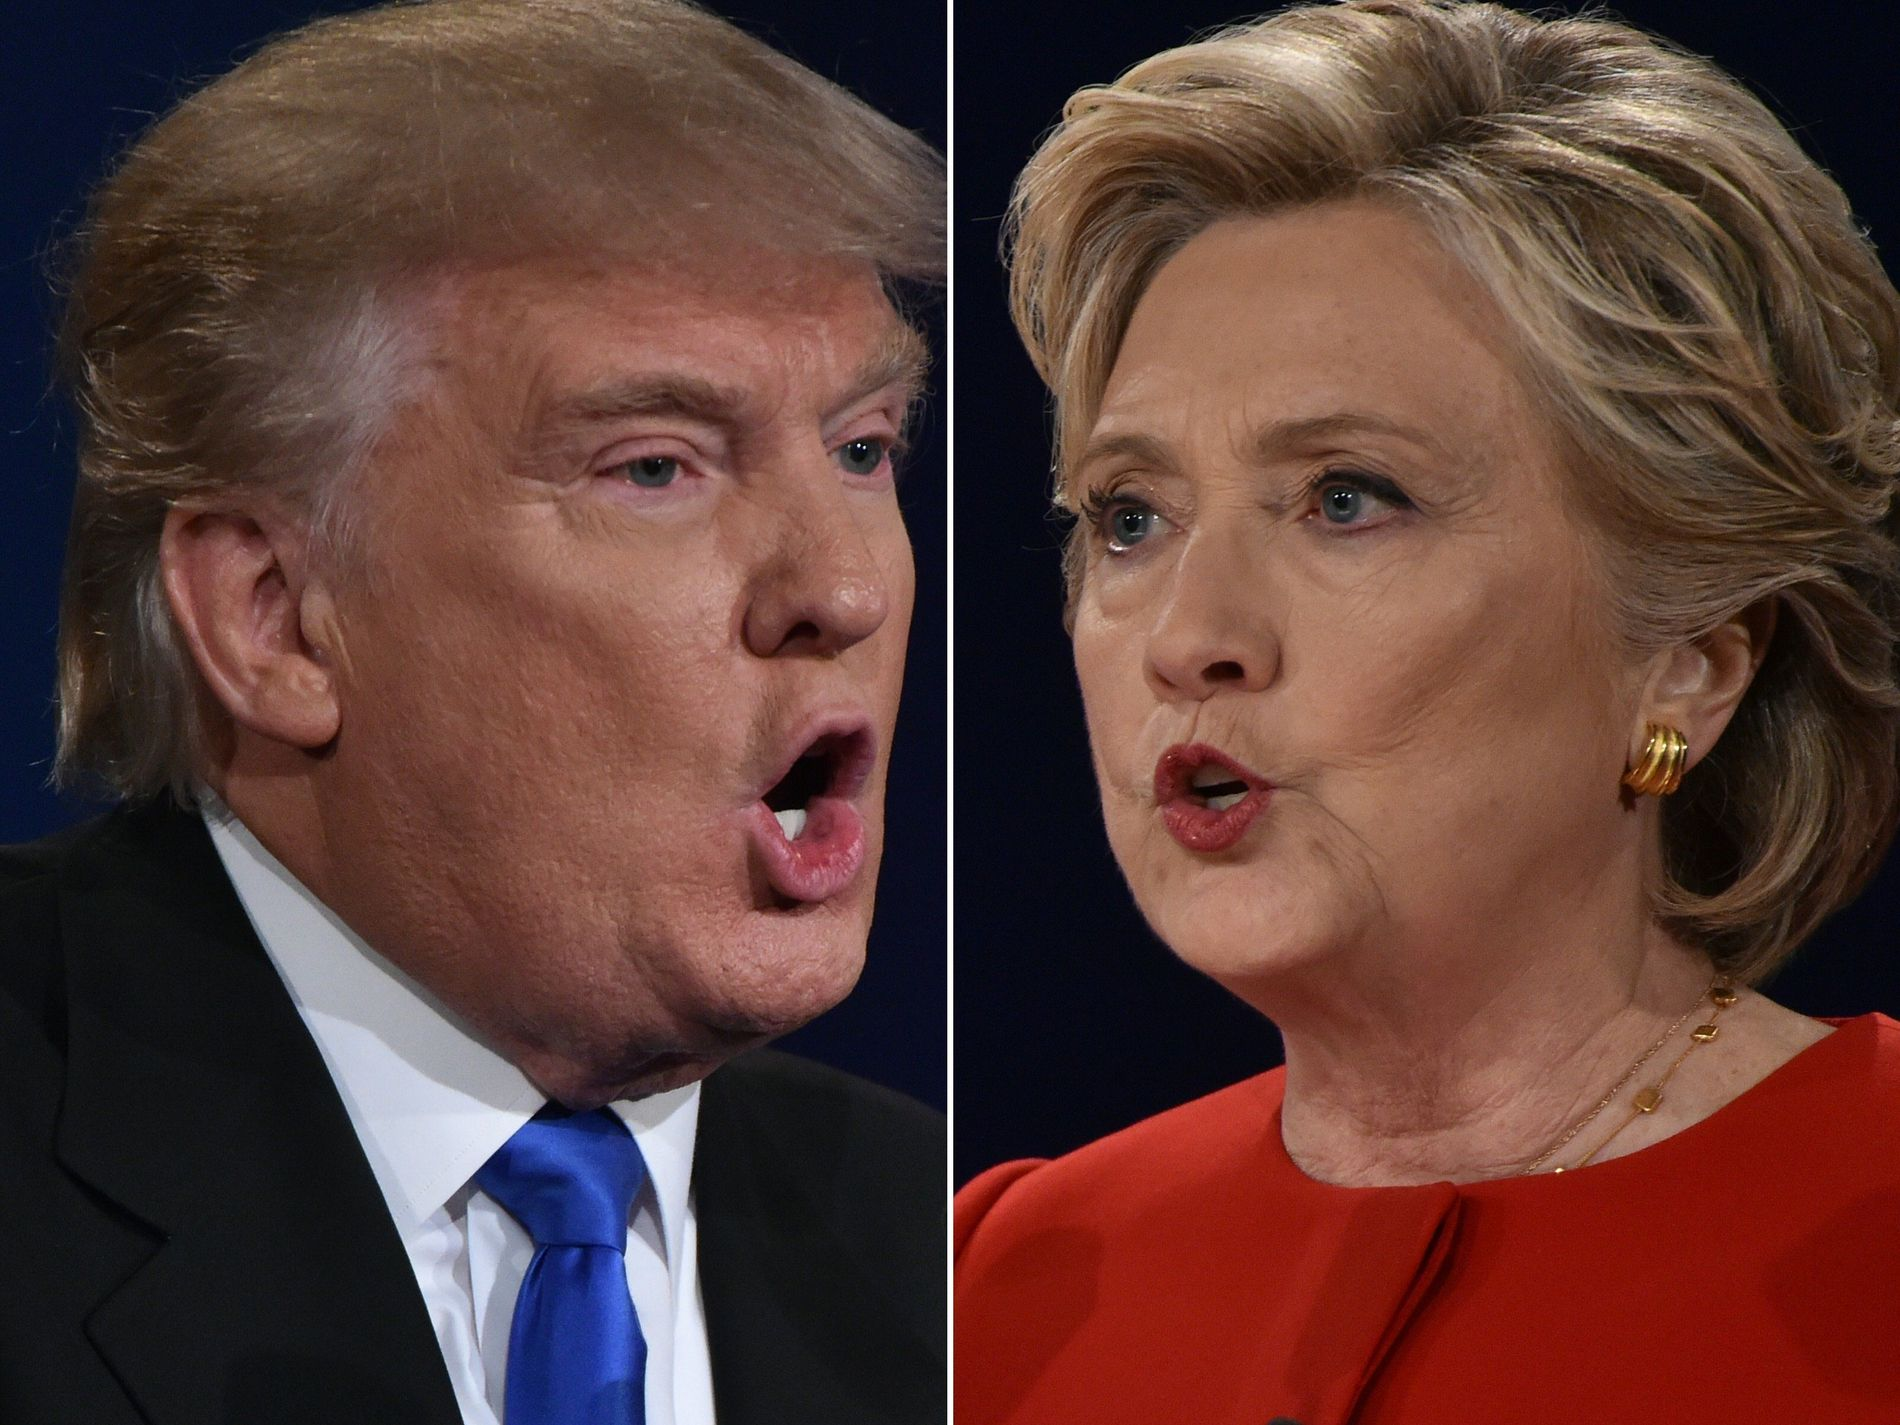 I DUELL: Republikanernes presidentkandidat Donald Trump og Demokratenes kandidat Hillary Clinton under debatten i New York natt til tirsdag norsk tid. FOTO: Paul J. Richards / AFP